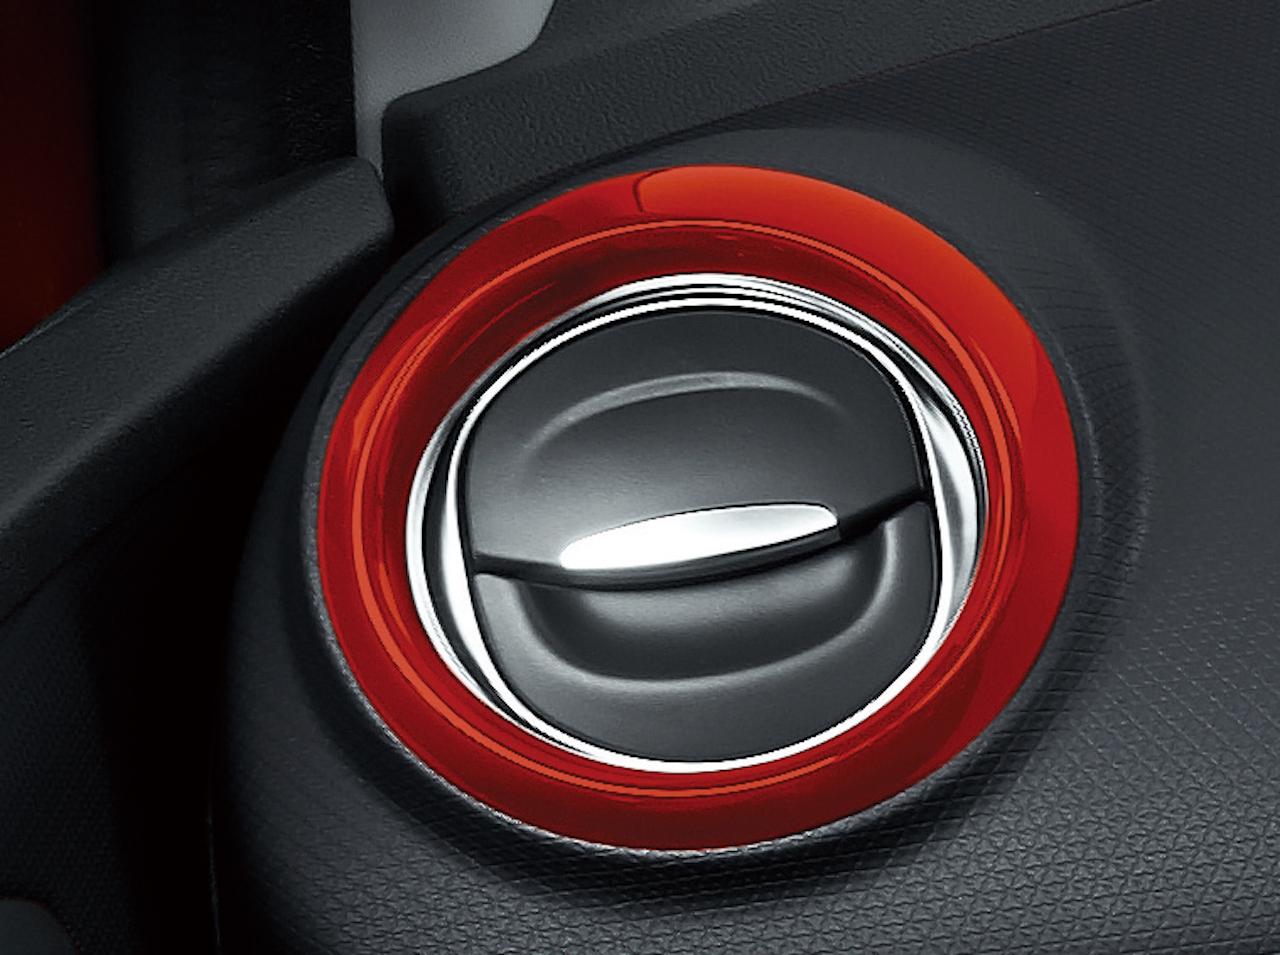 「【新車】情熱の赤をまとった「ルノー ルーテシア アイコニック」が40台限定で登場」の5枚目の画像